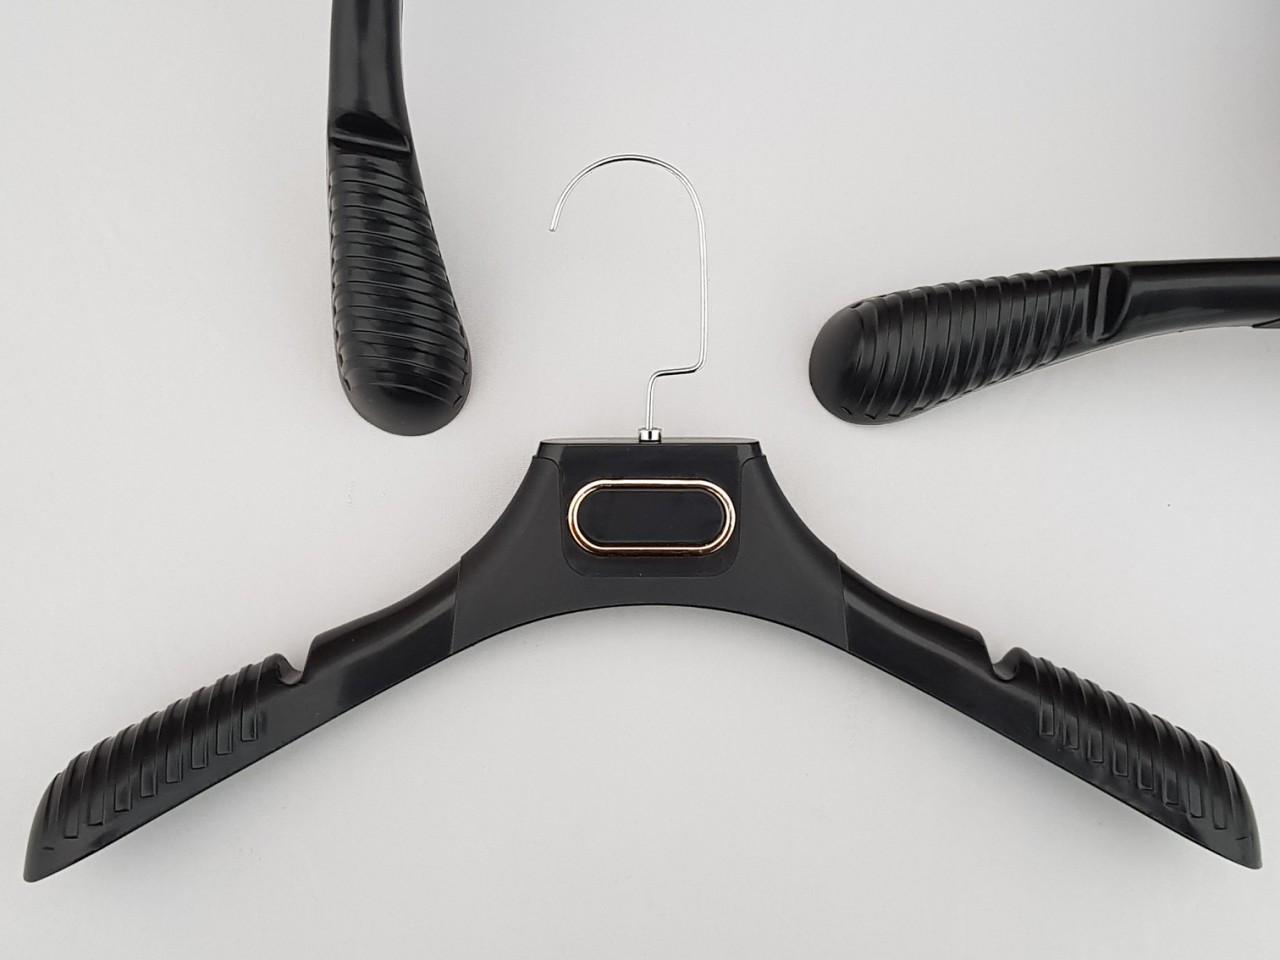 Длина 38,5 см. Плечики вешалки пластмассовые TZ8830 с антискользящим ребристым плечом черного цвета